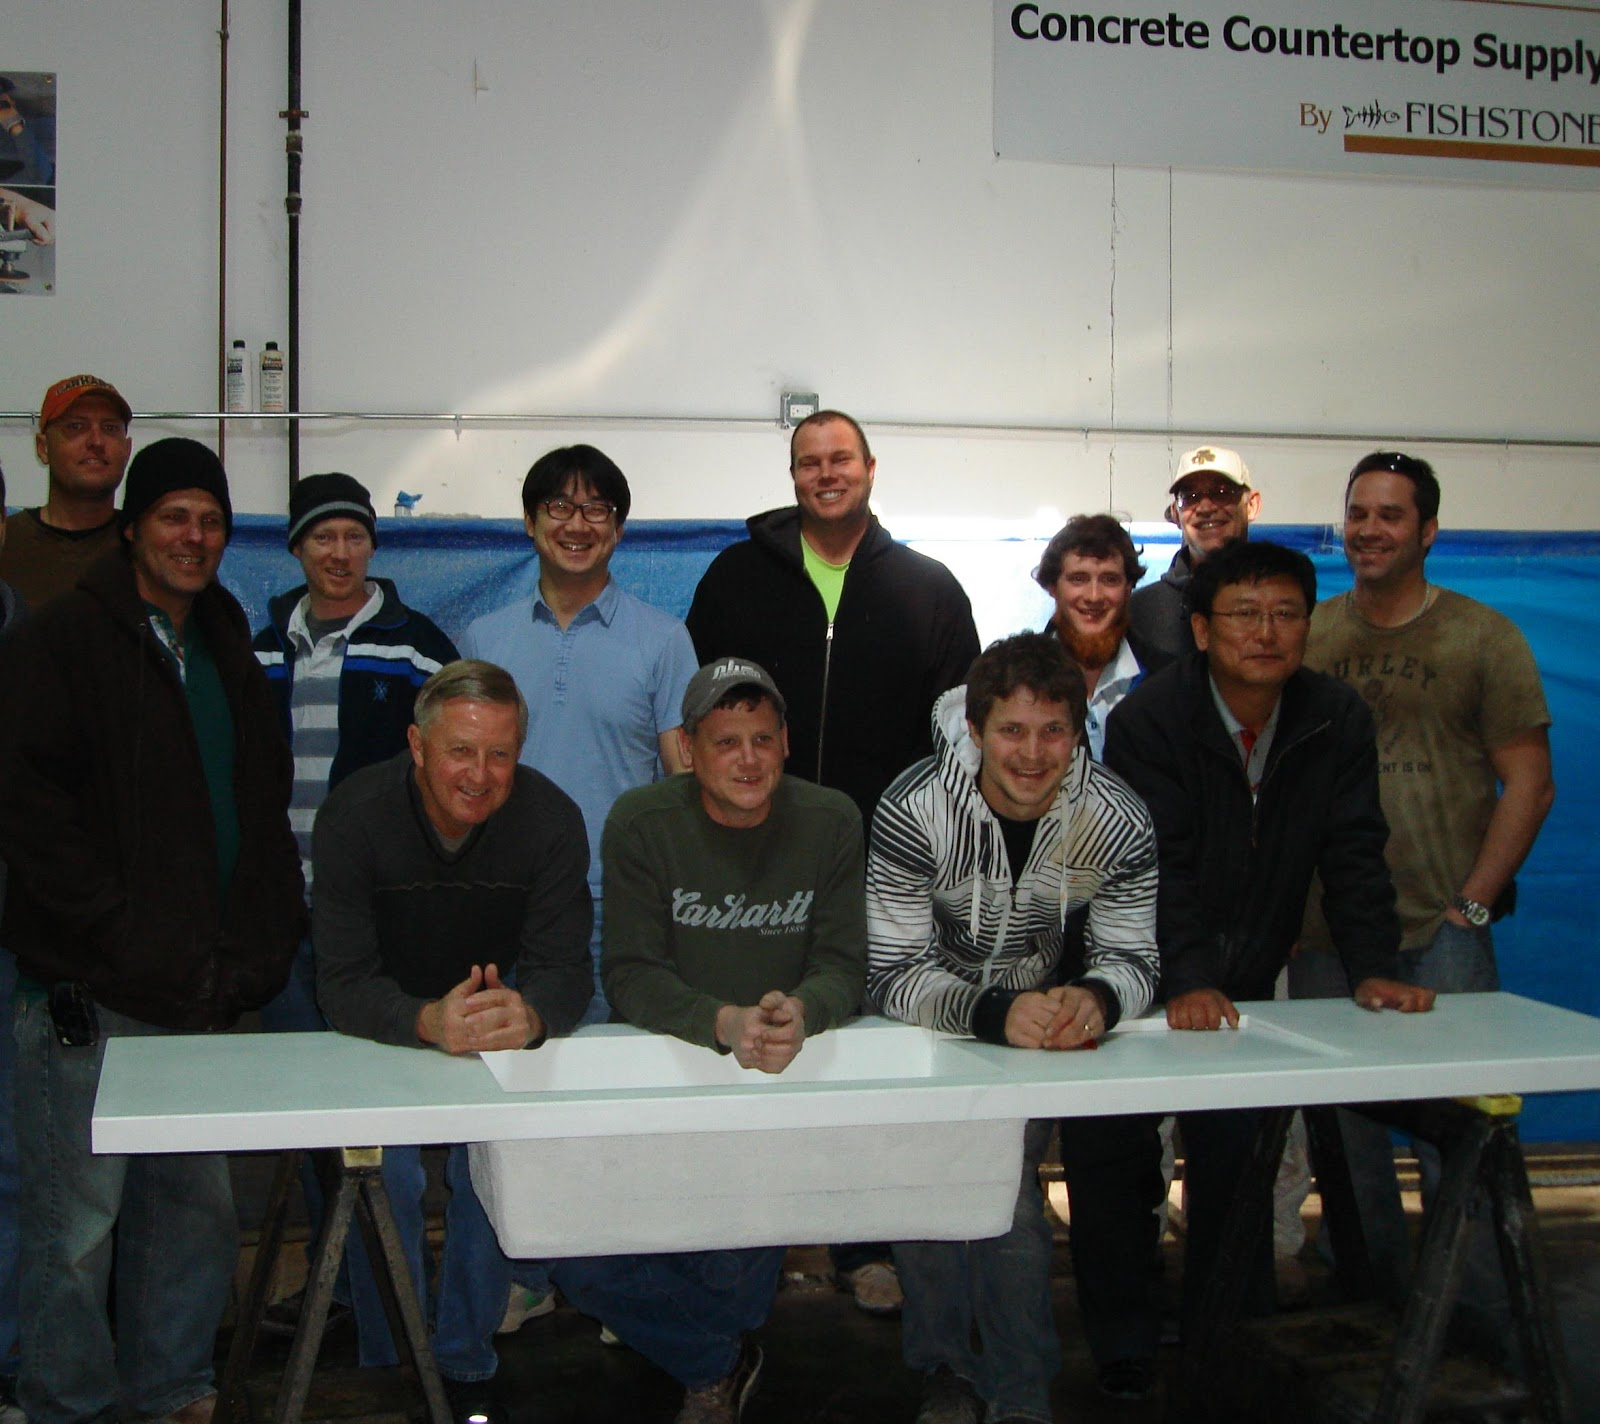 Fishstone Concrete Countertop Supply 2012